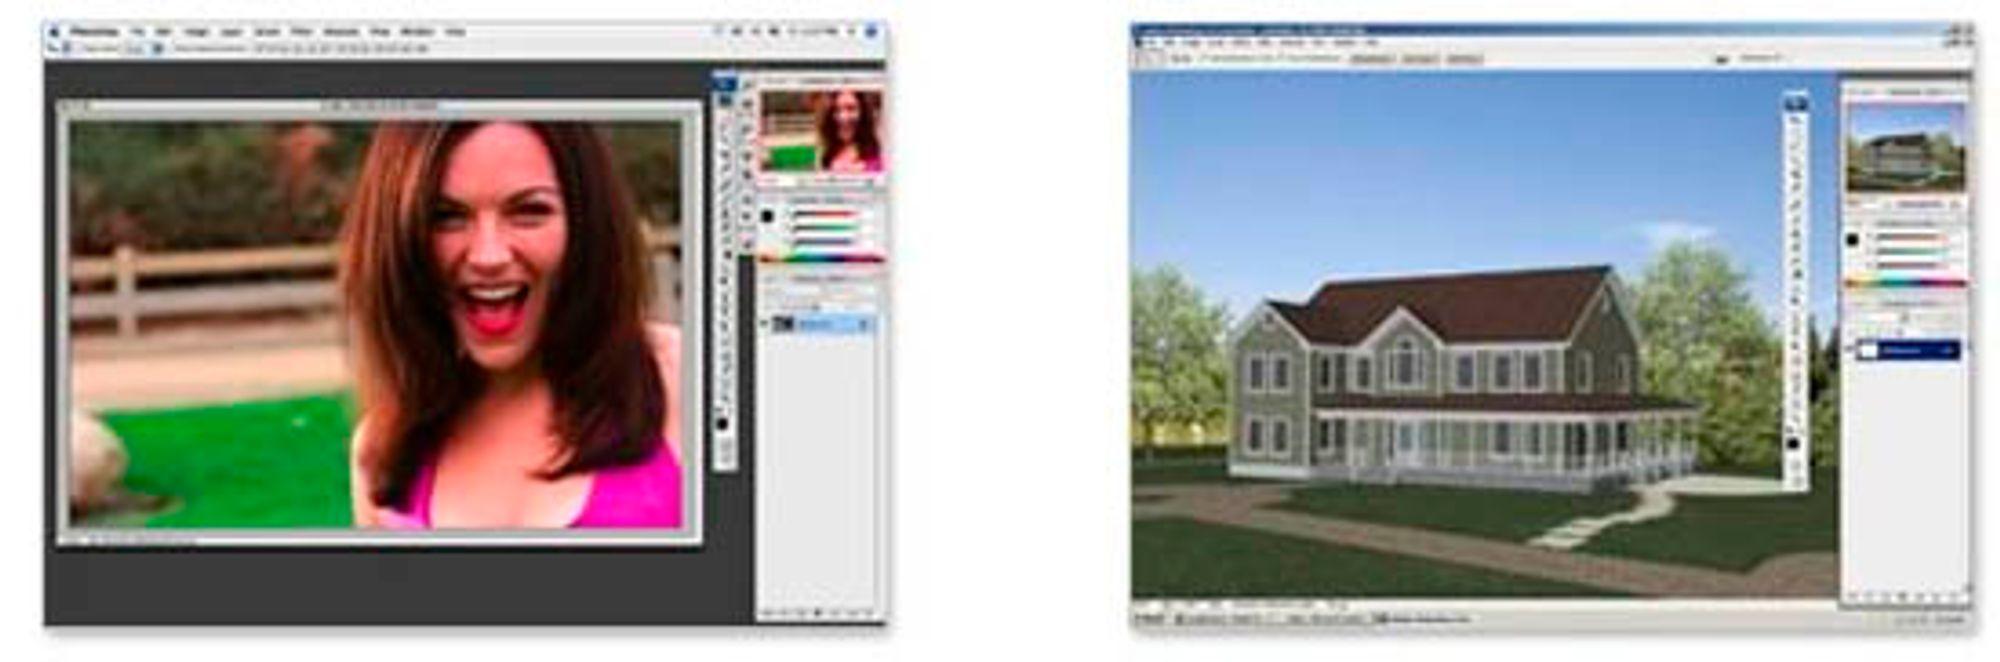 Photoshop, som vi kjenner til venstre - Photoshop Extended til høyre.